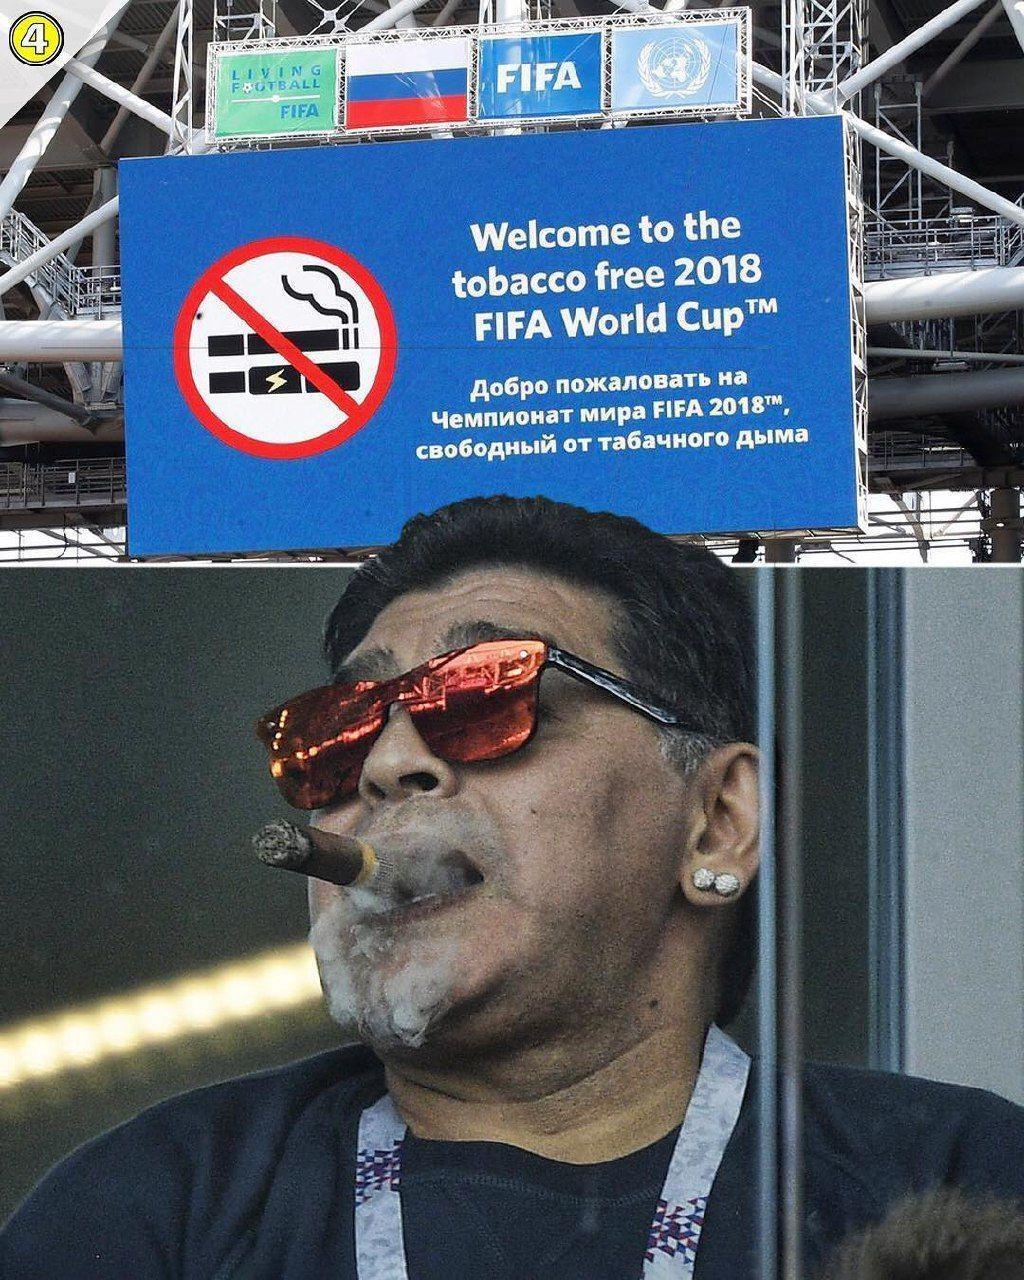 مارادونا،سیگار برگ و ممنوعیتی که زیر پا گذاشت!